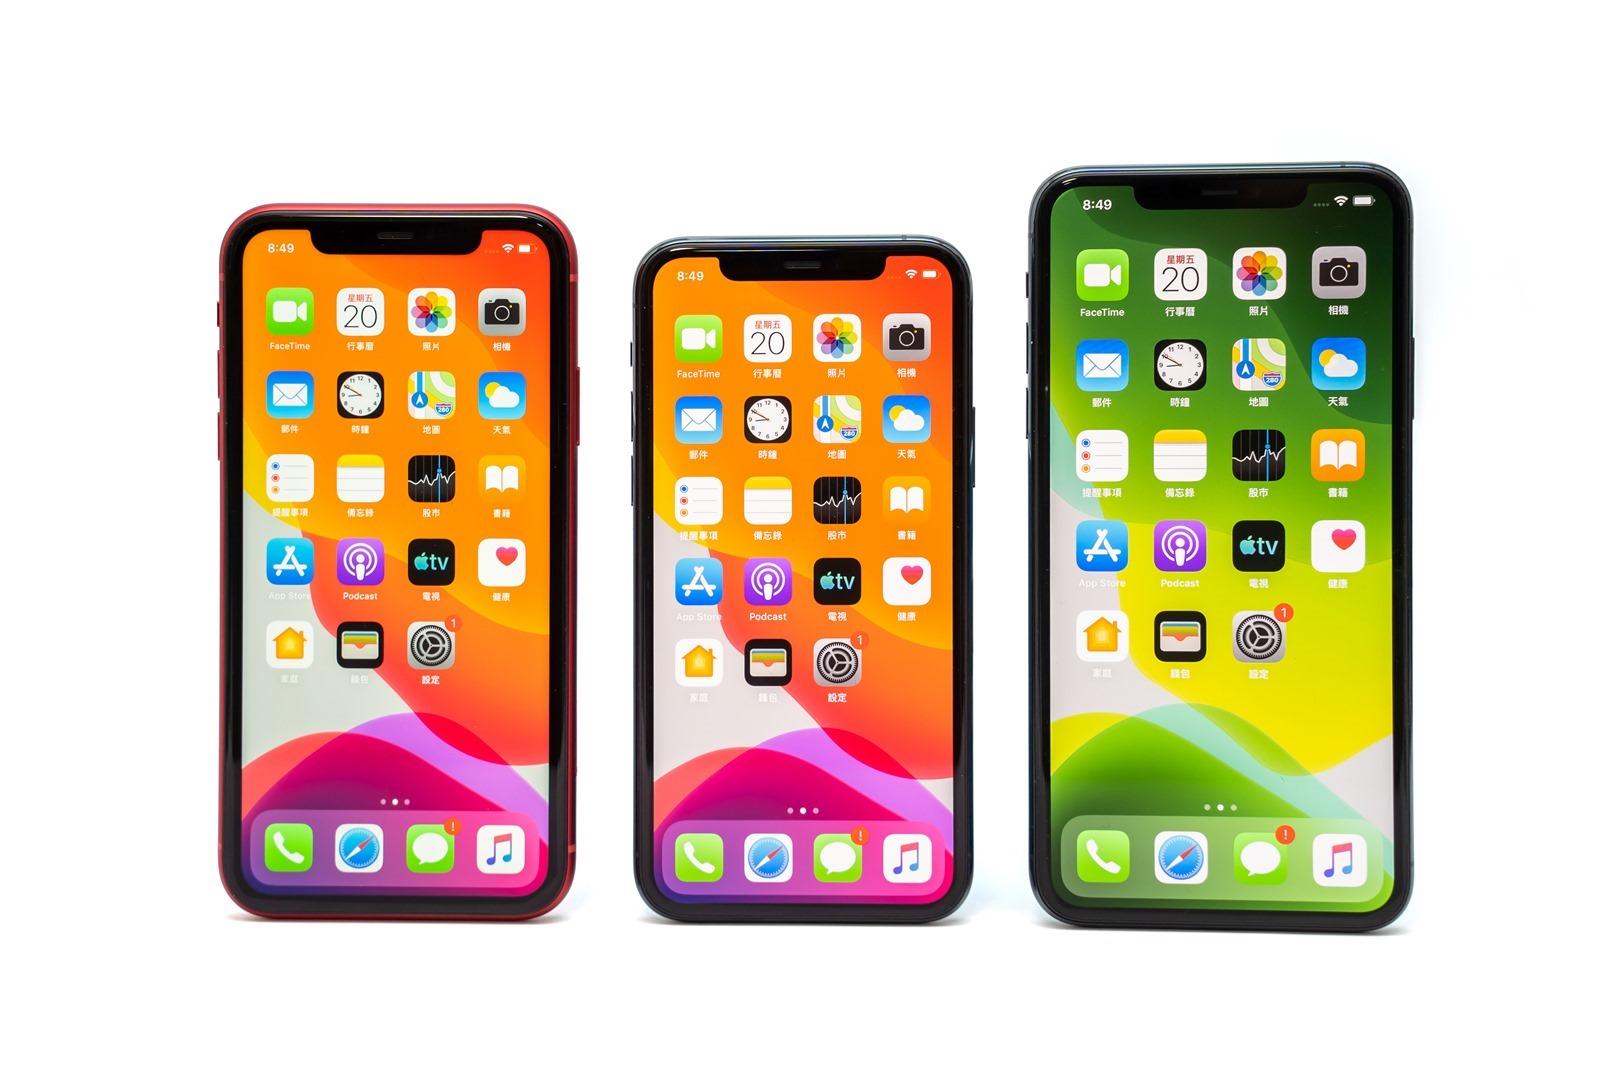 A13 處理器加上大電池,iPhone 11 / iPhone 11 Pro / iPhone 11 Pro Max 性能電力實測(附與旗艦 Android 測試比較彙整)@3C 達人廖阿輝